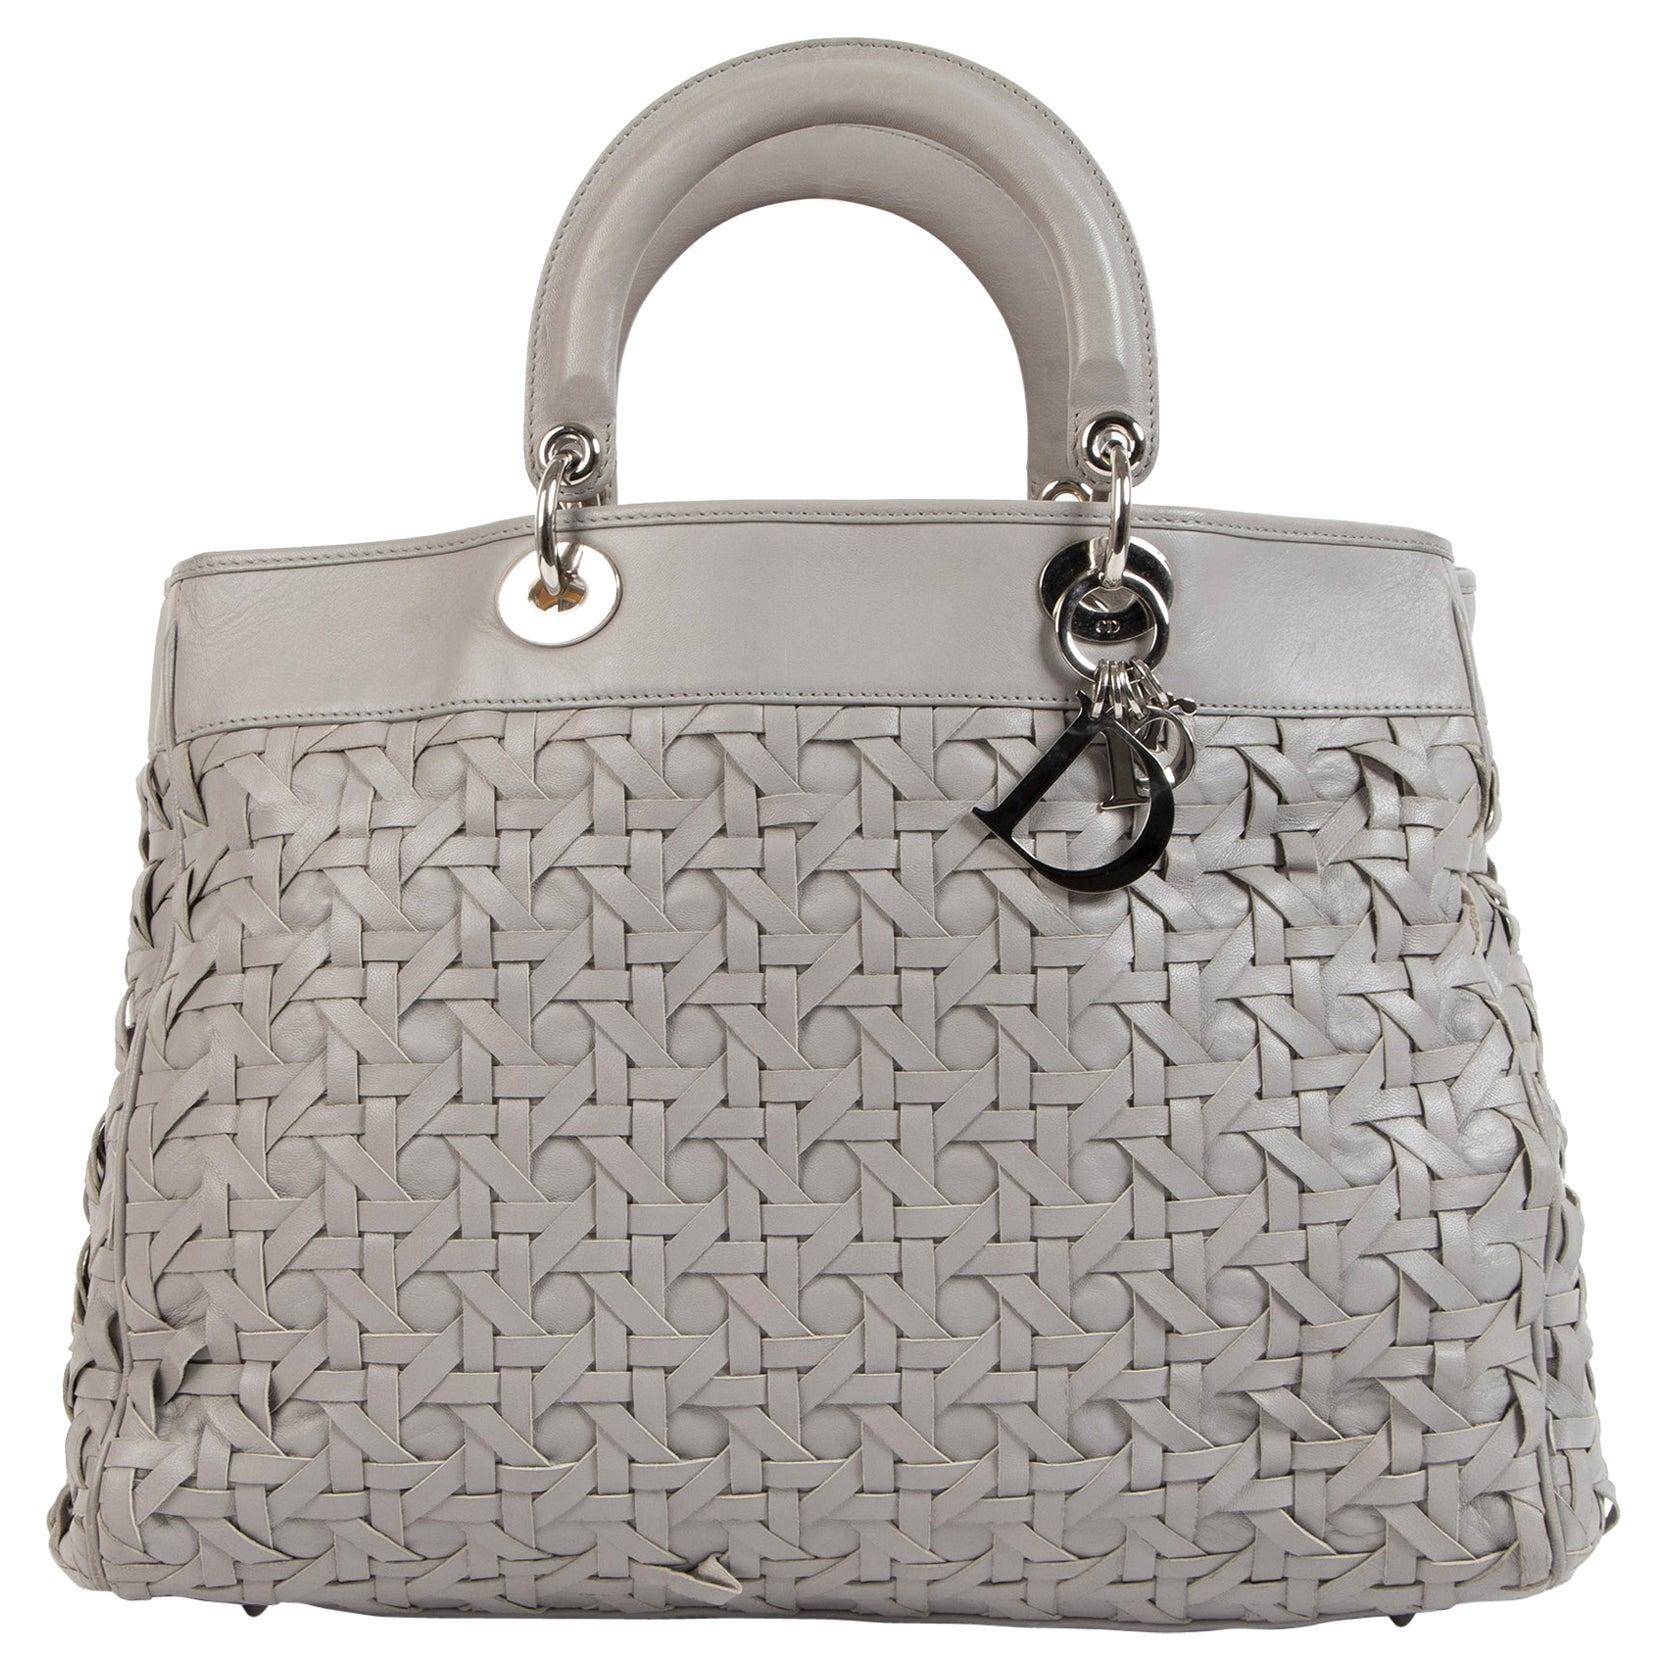 Dior Lady Dior Avenue Grey Tote Bag